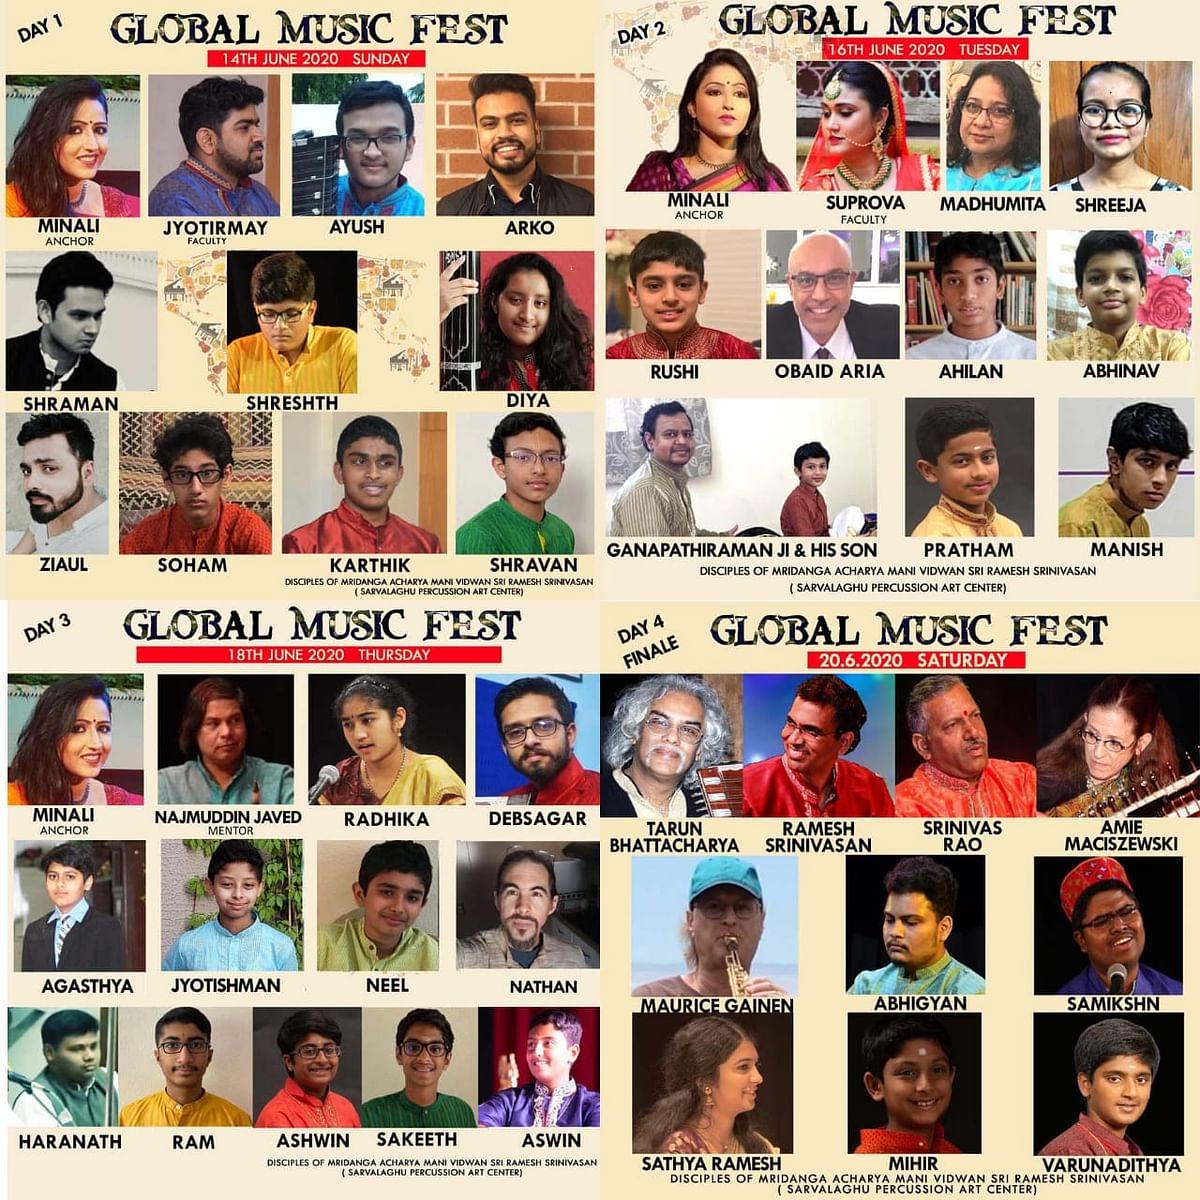 14 जून से ग्लोबल म्युजिक फेस्ट, ऑनलाइन मंच पर जुटेंगे विश्व भर के कलाकार